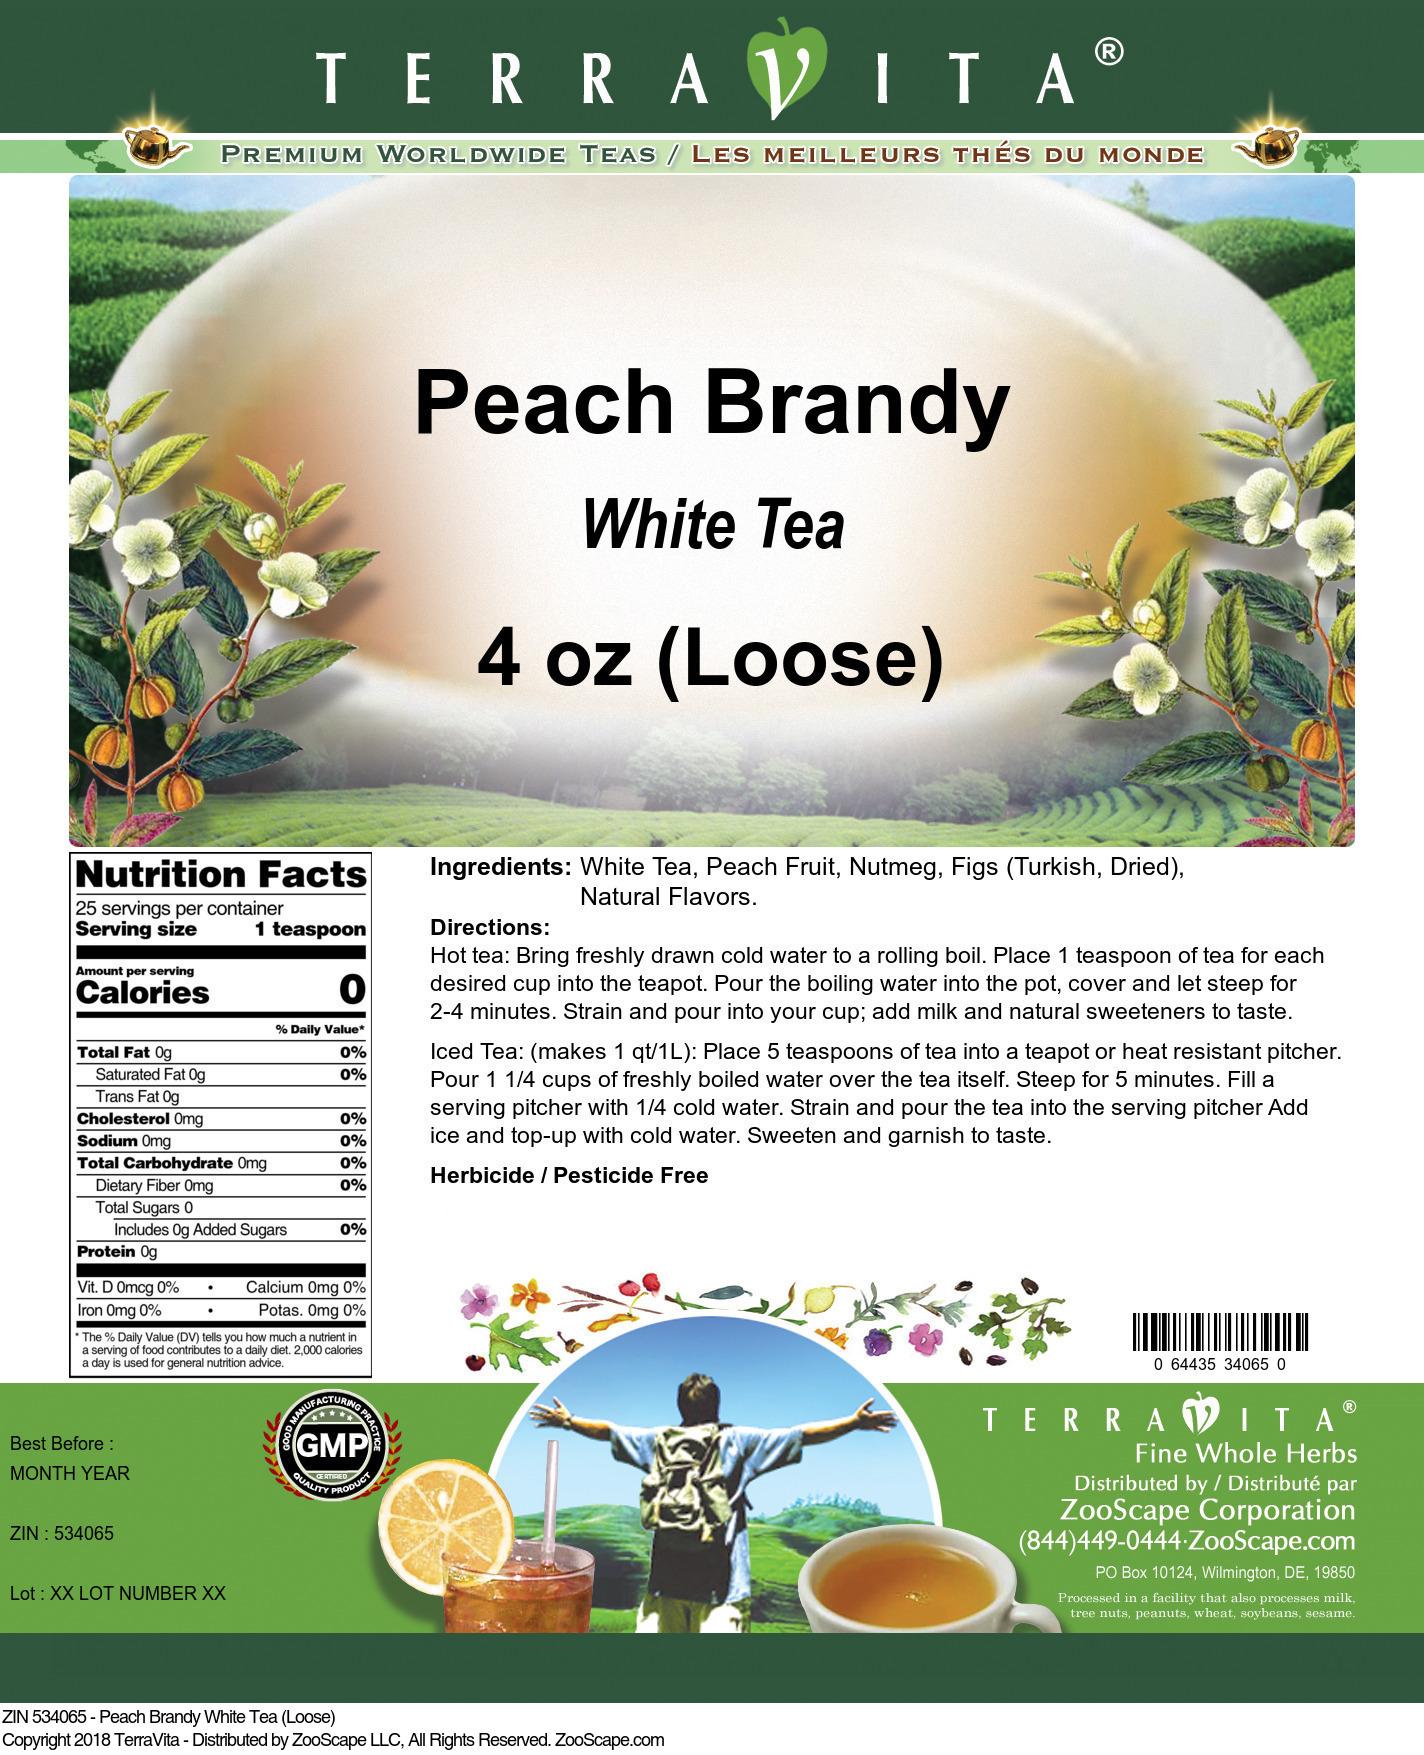 Peach Brandy White Tea (Loose)